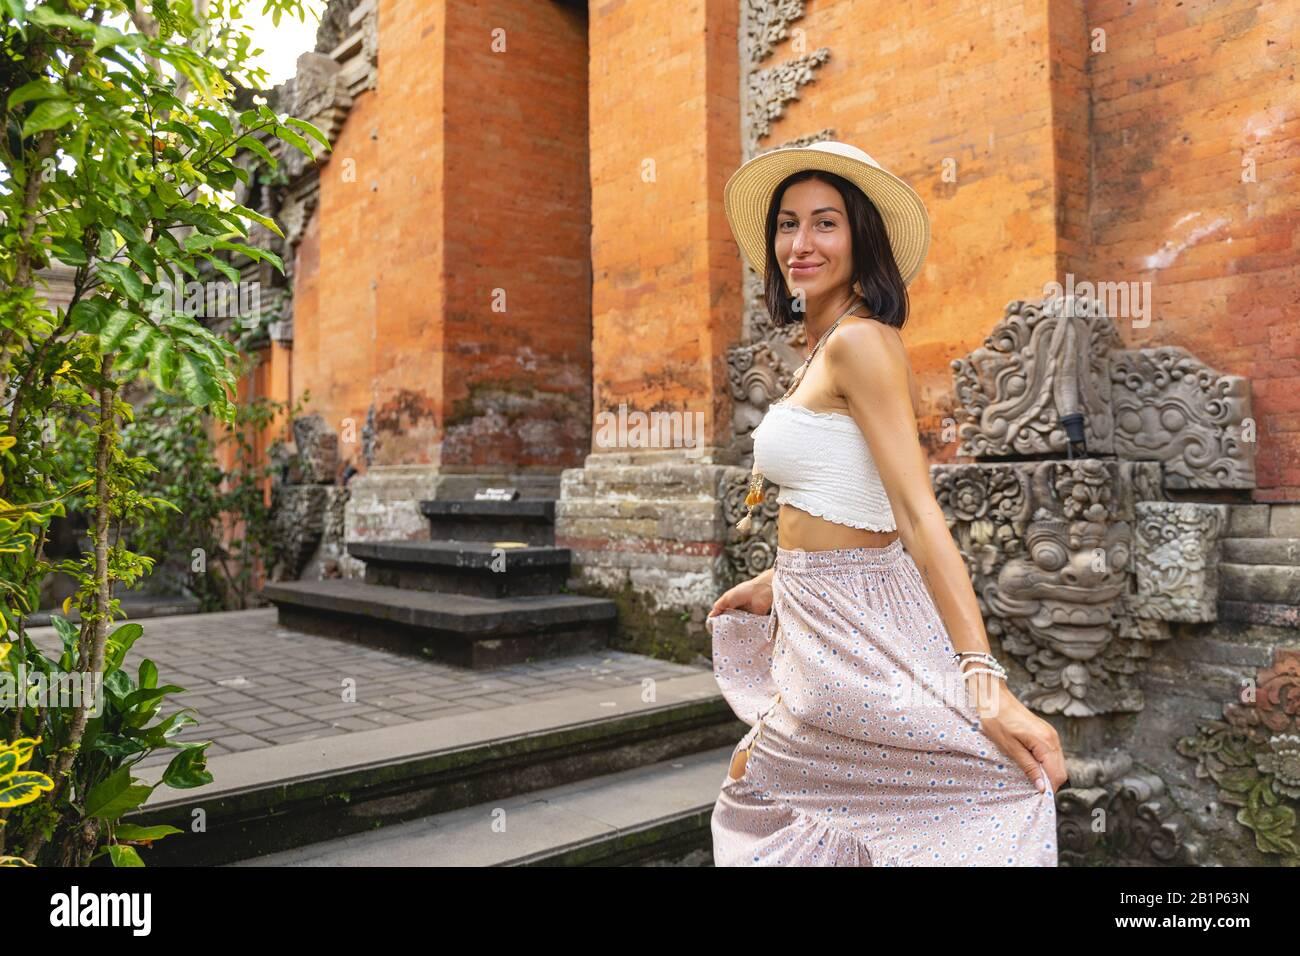 Jolly Woman kommt zu asiatischem Tempelstock Foto Stockfoto